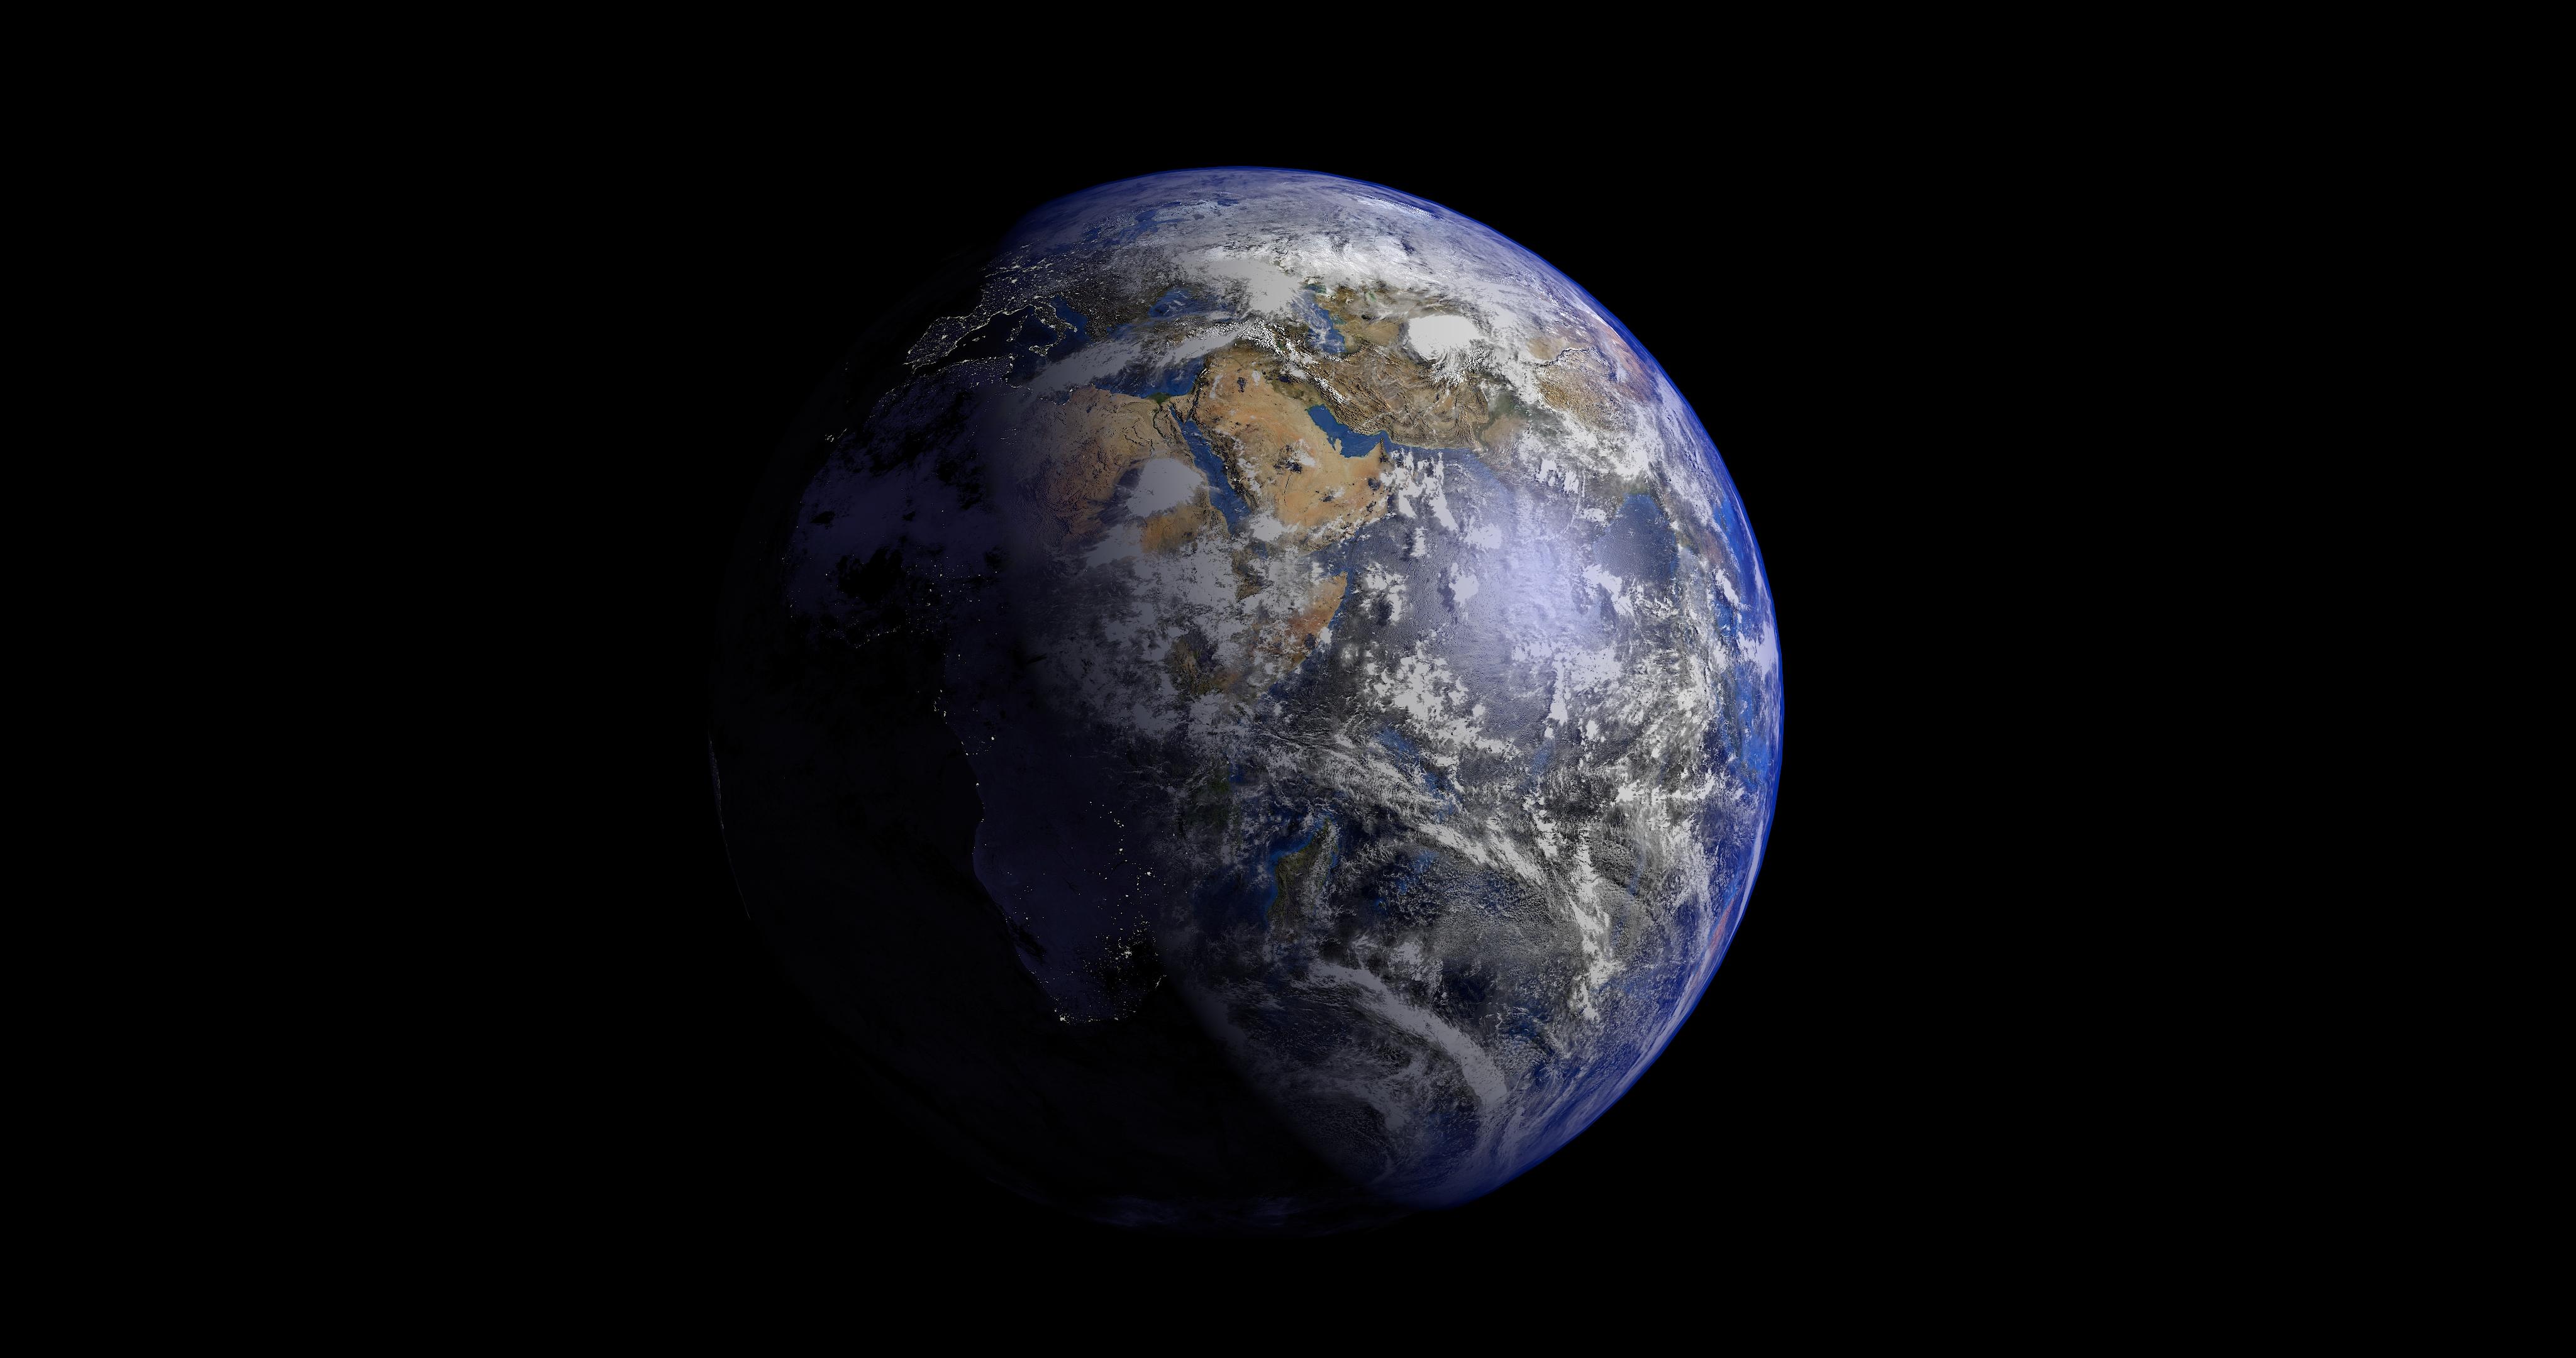 earth 3d model 3ds fbx blend dae obj 209735